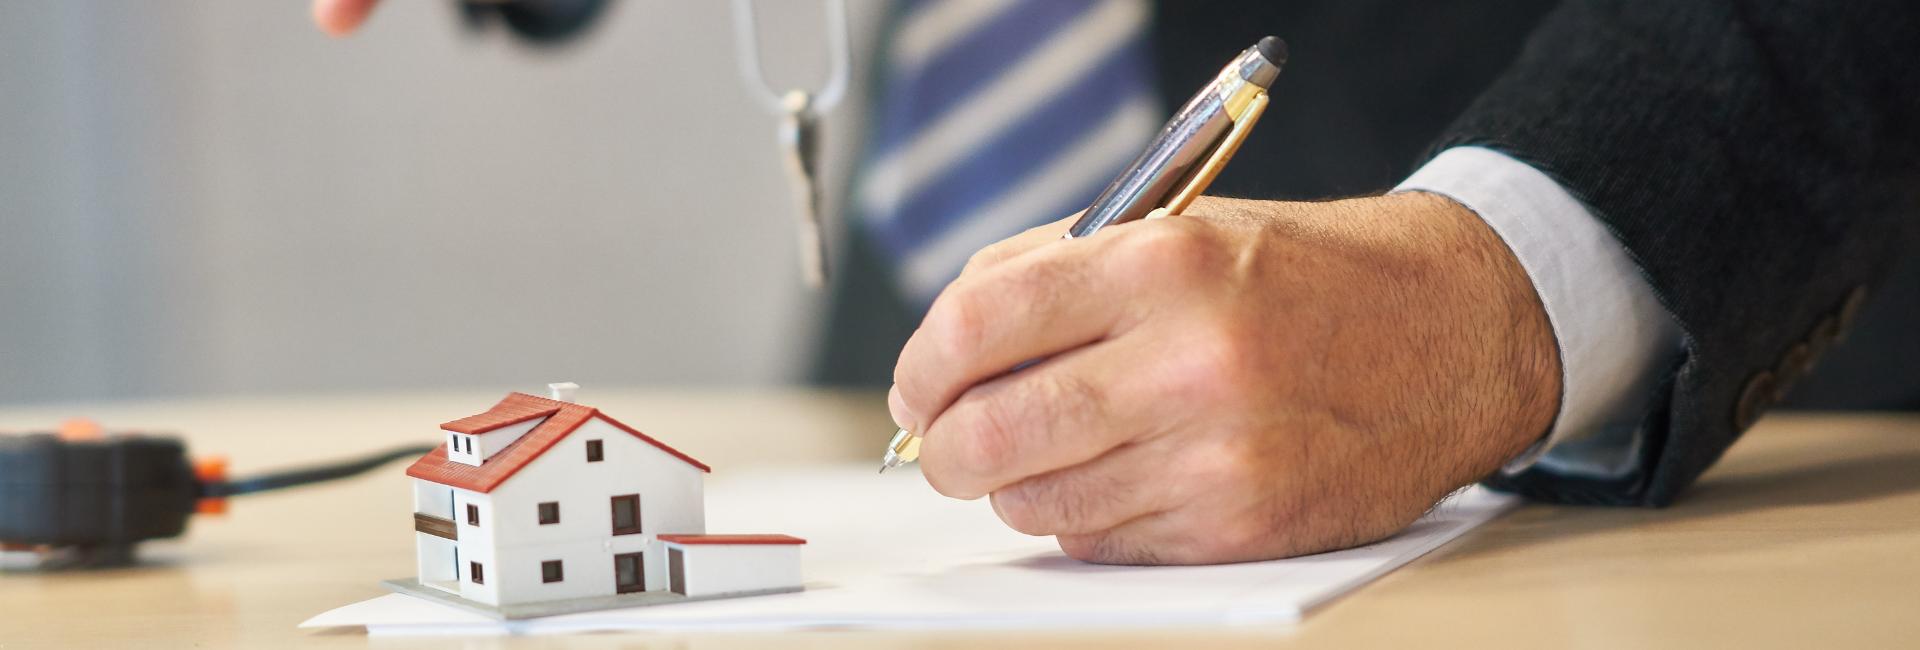 Investeren in vastgoed tekenen compromis huis